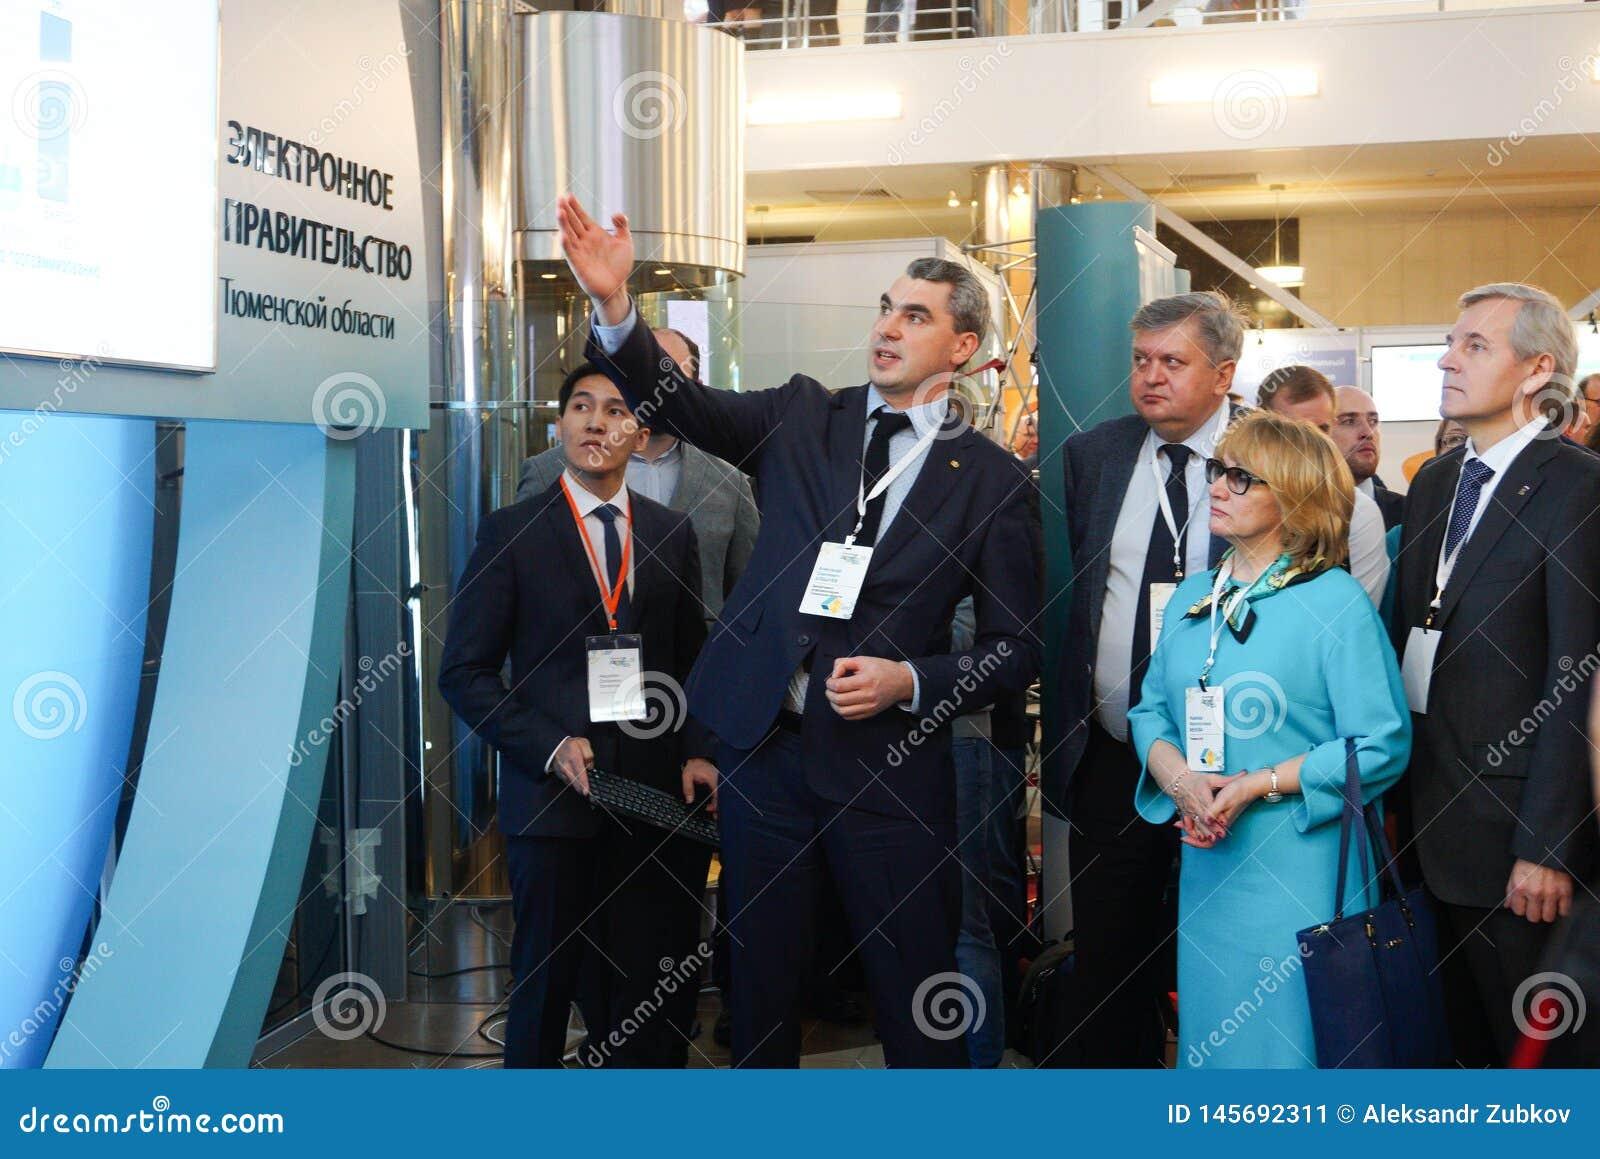 Tyumen, Russie, 09 07 2016 Forum des technologies innovatrices Scientifiques, politiciens et hommes d affaires de communication